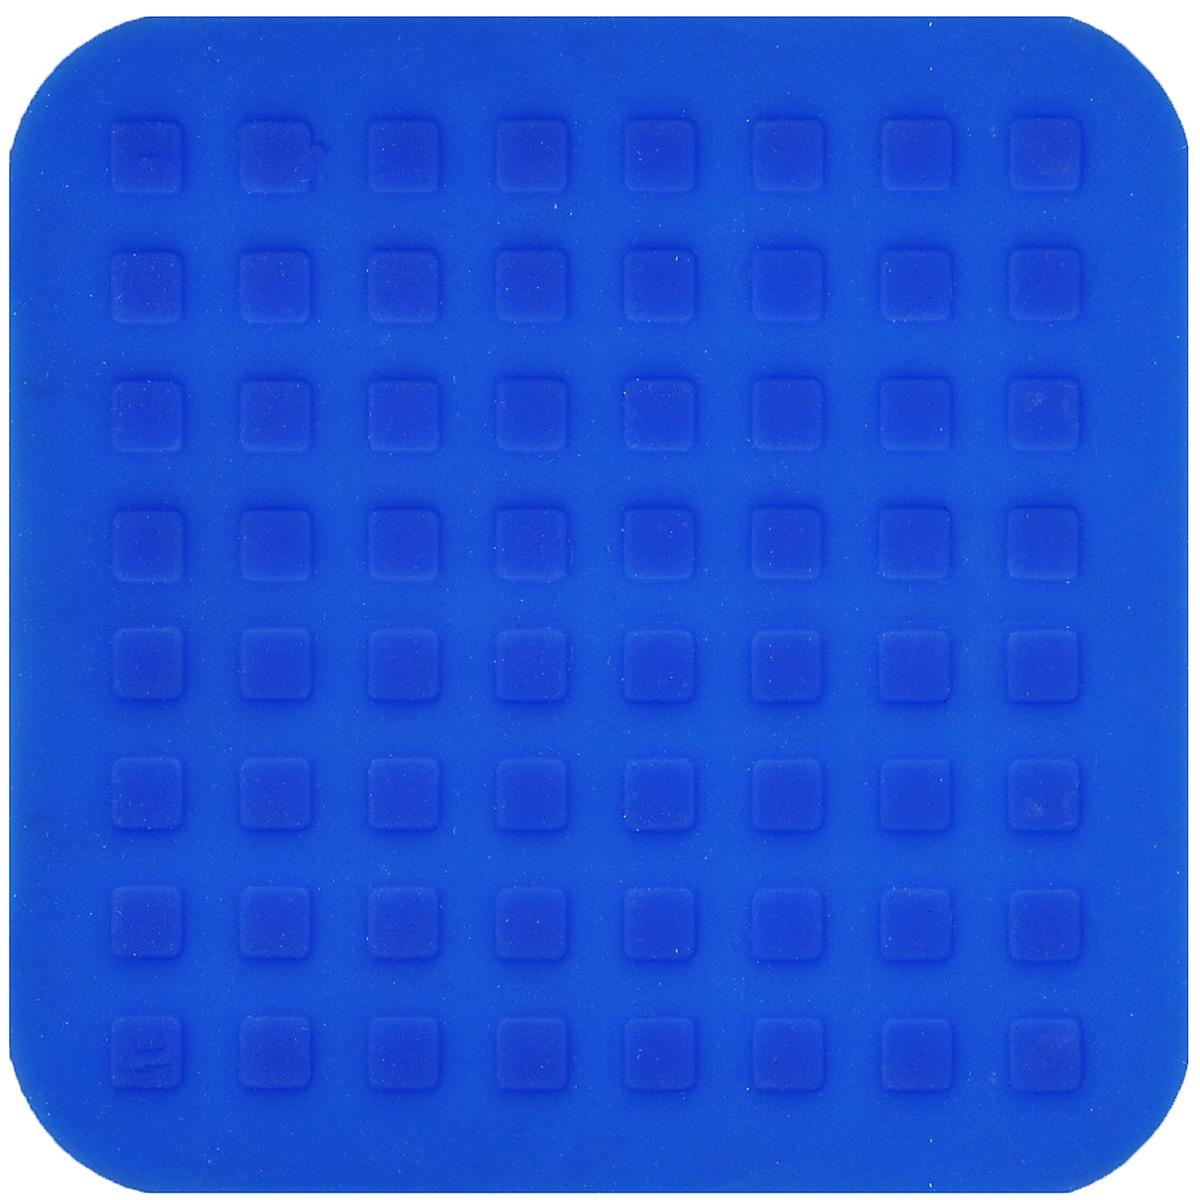 Подставка под горячее Mayer & Boch, силиконовая, цвет: синий, 16 х 16 см20058Подставка под горячее Mayer & Boch изготовлена из силикона и декорирована объемными изображениями квадратов. Материал позволяет выдерживать высокие температуры и не скользит по поверхности стола. Каждая хозяйка знает, что подставка под горячее - это незаменимый и очень полезный аксессуар на каждой кухне. Ваш стол будет не только украшен яркой и оригинальной подставкой, но и сбережен от воздействия высоких температур.